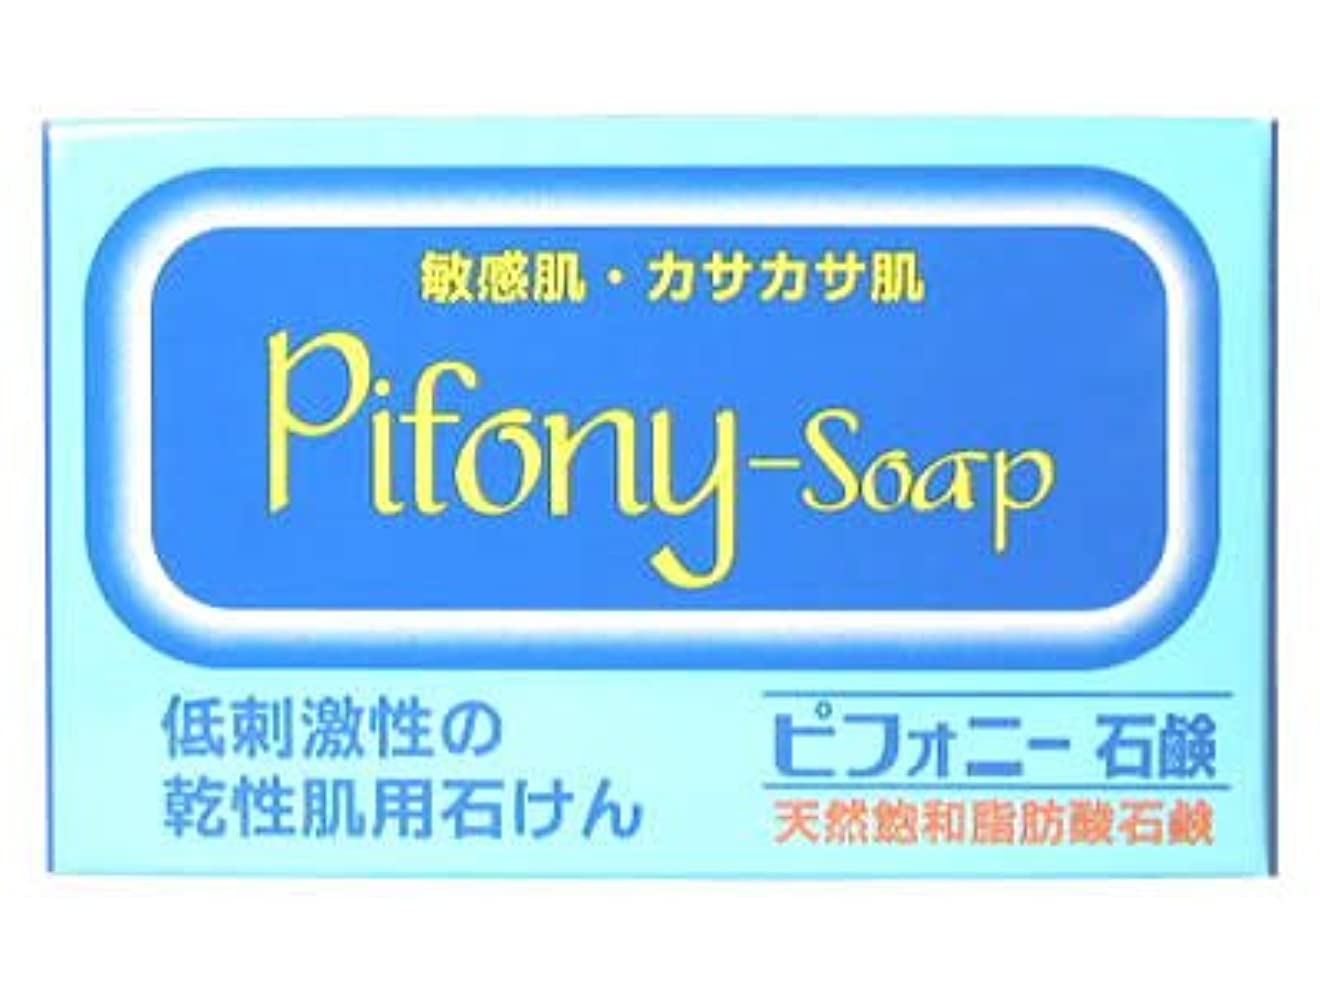 コスチューム腐敗栄光のピフォニー石鹸 100g